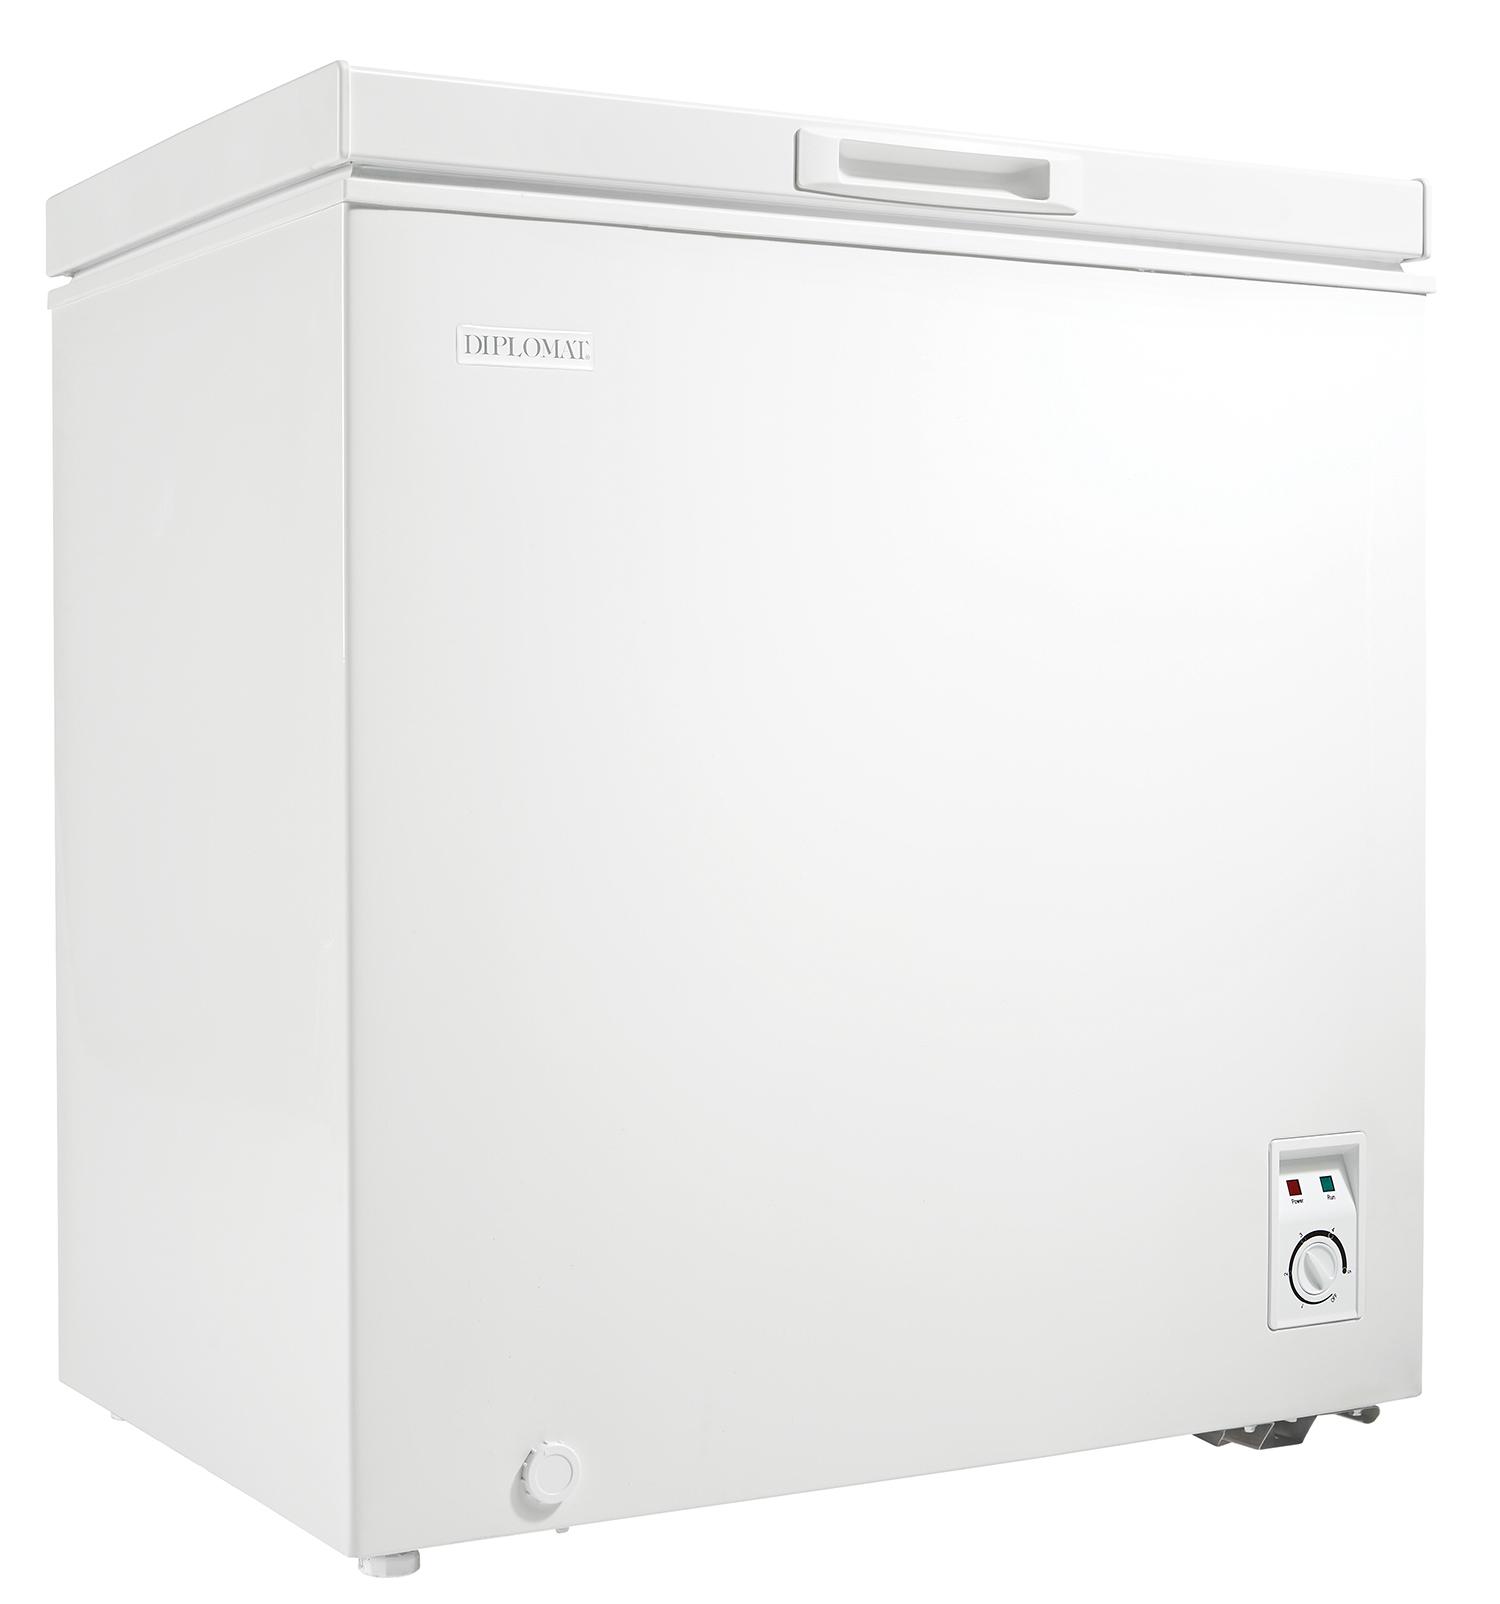 Danby Countertop Ice Maker Manual : DCFM050C1WM Diplomat 5.0 cu.ft. Freezer EN